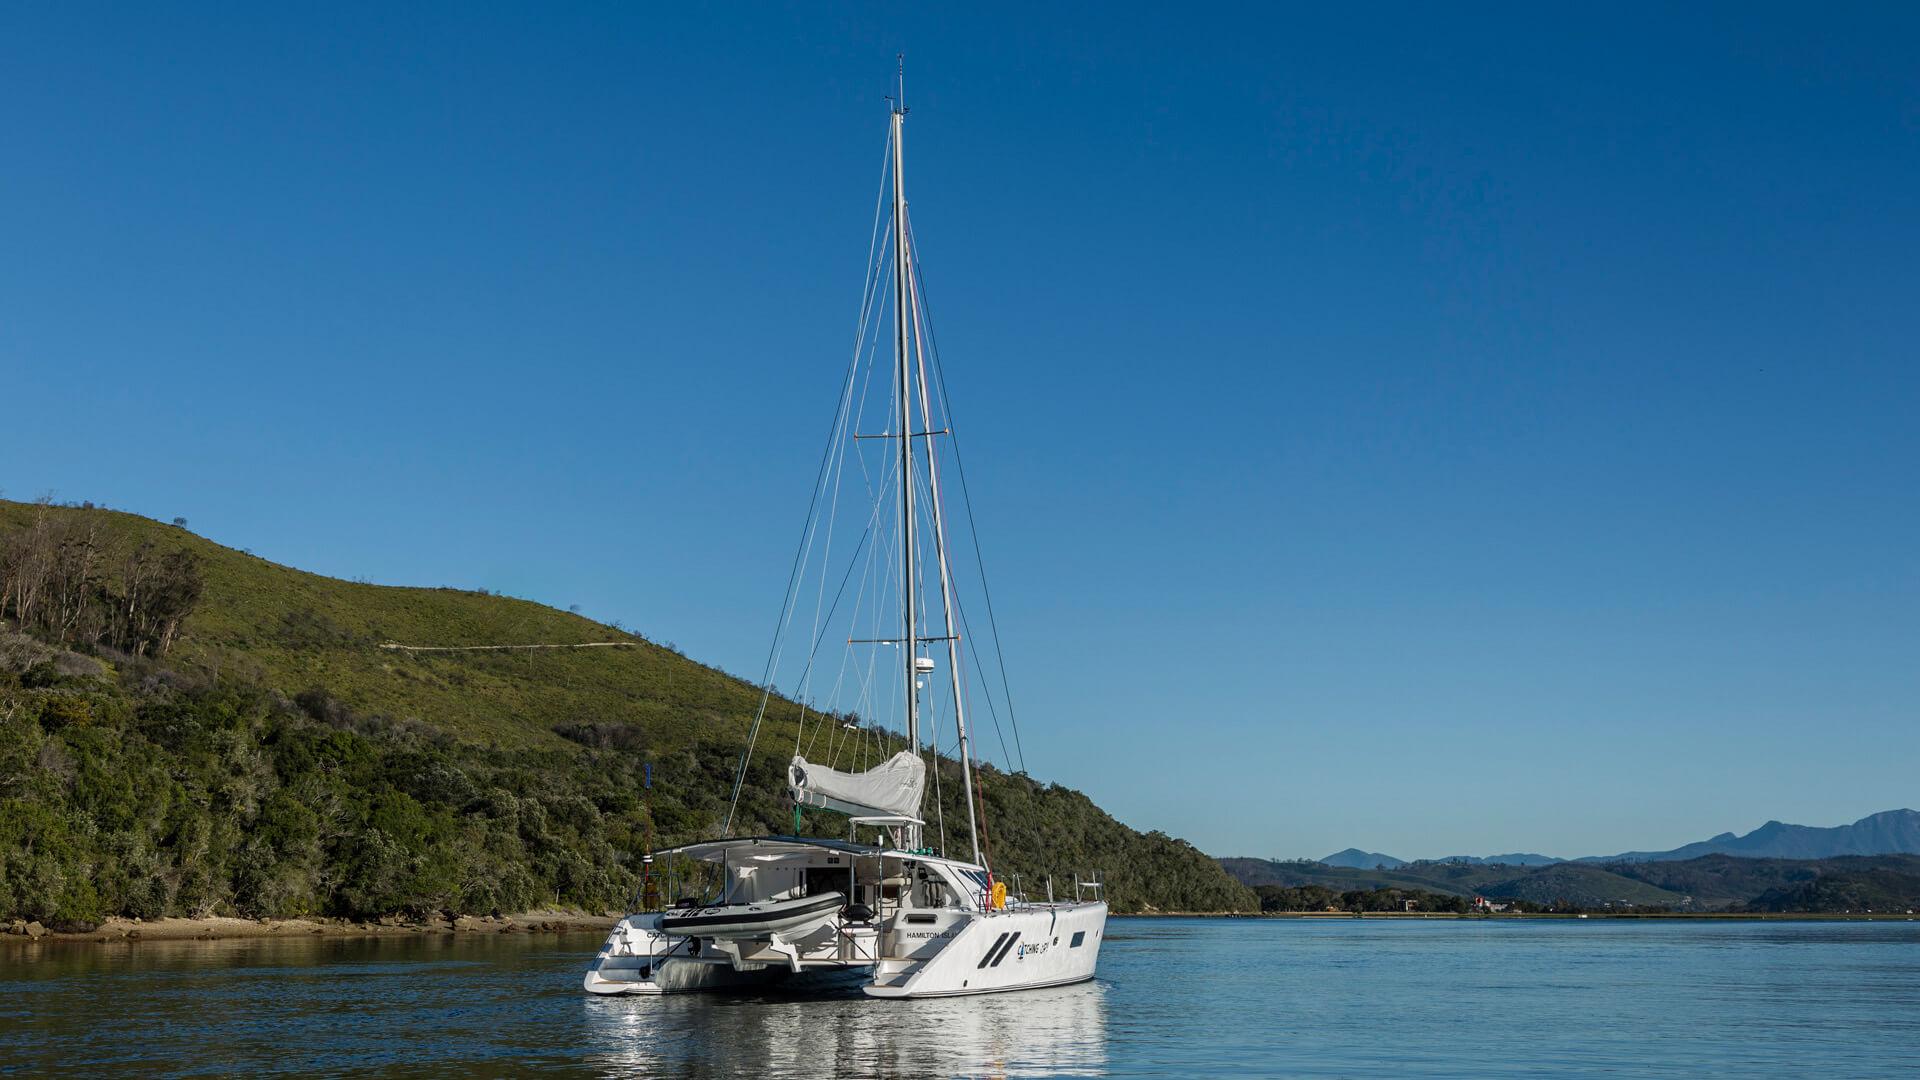 Knysna yacht in the knysna lagoon